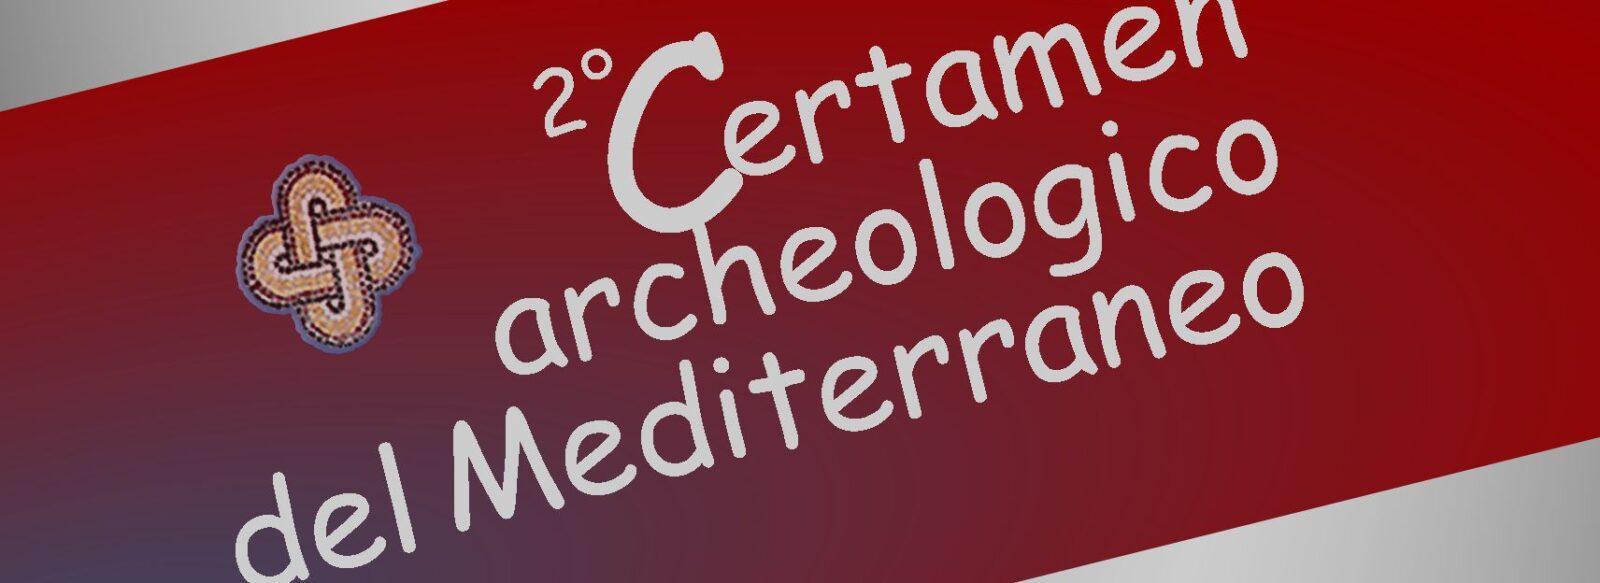 Secondo Certamen del Mediterraneo